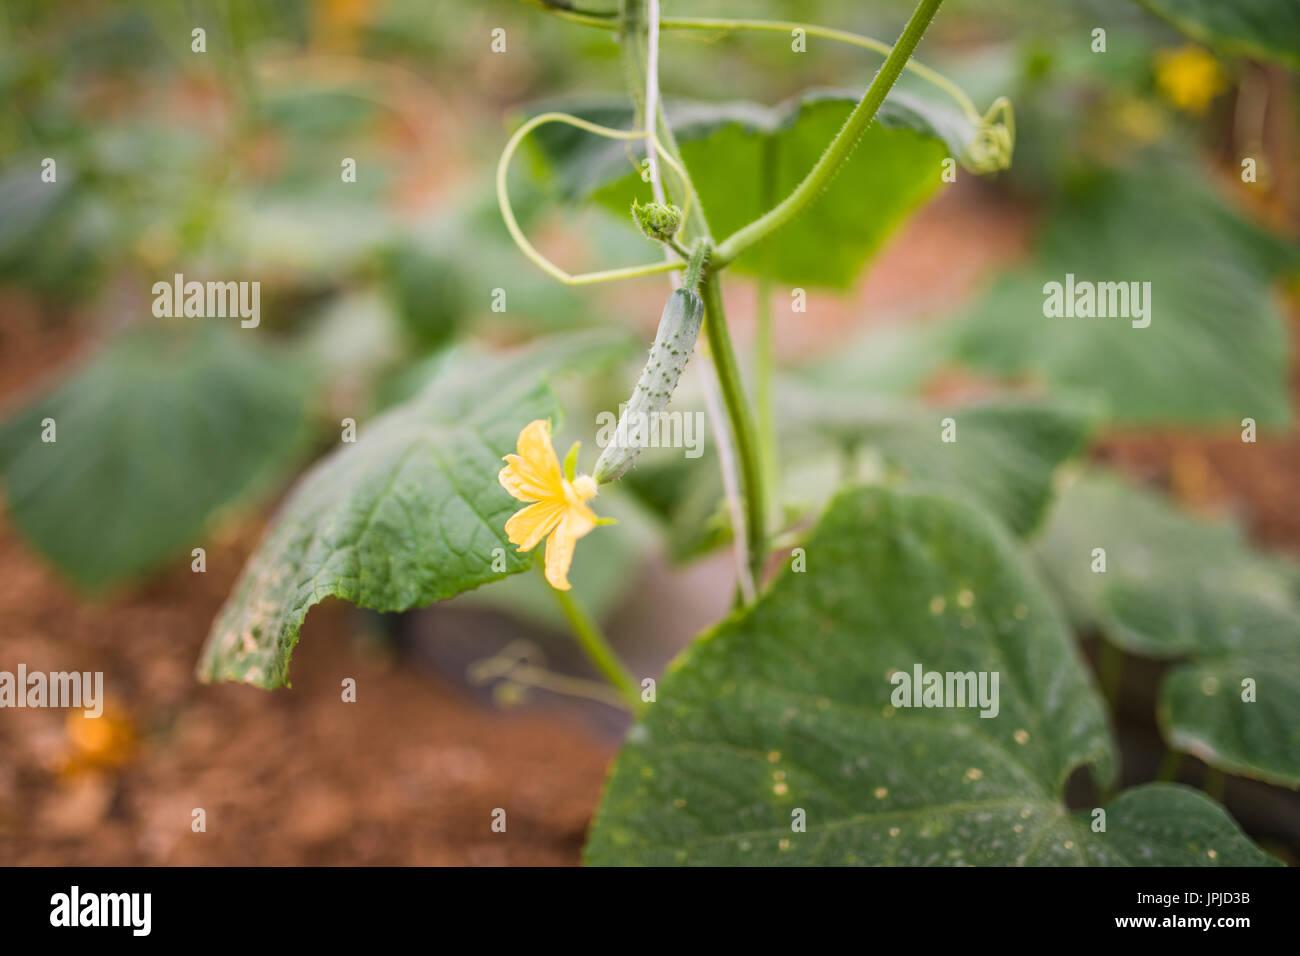 Gurken wachsen im Film Gewächshäuser. Das rasante Wachstum im Sommer Stockfoto